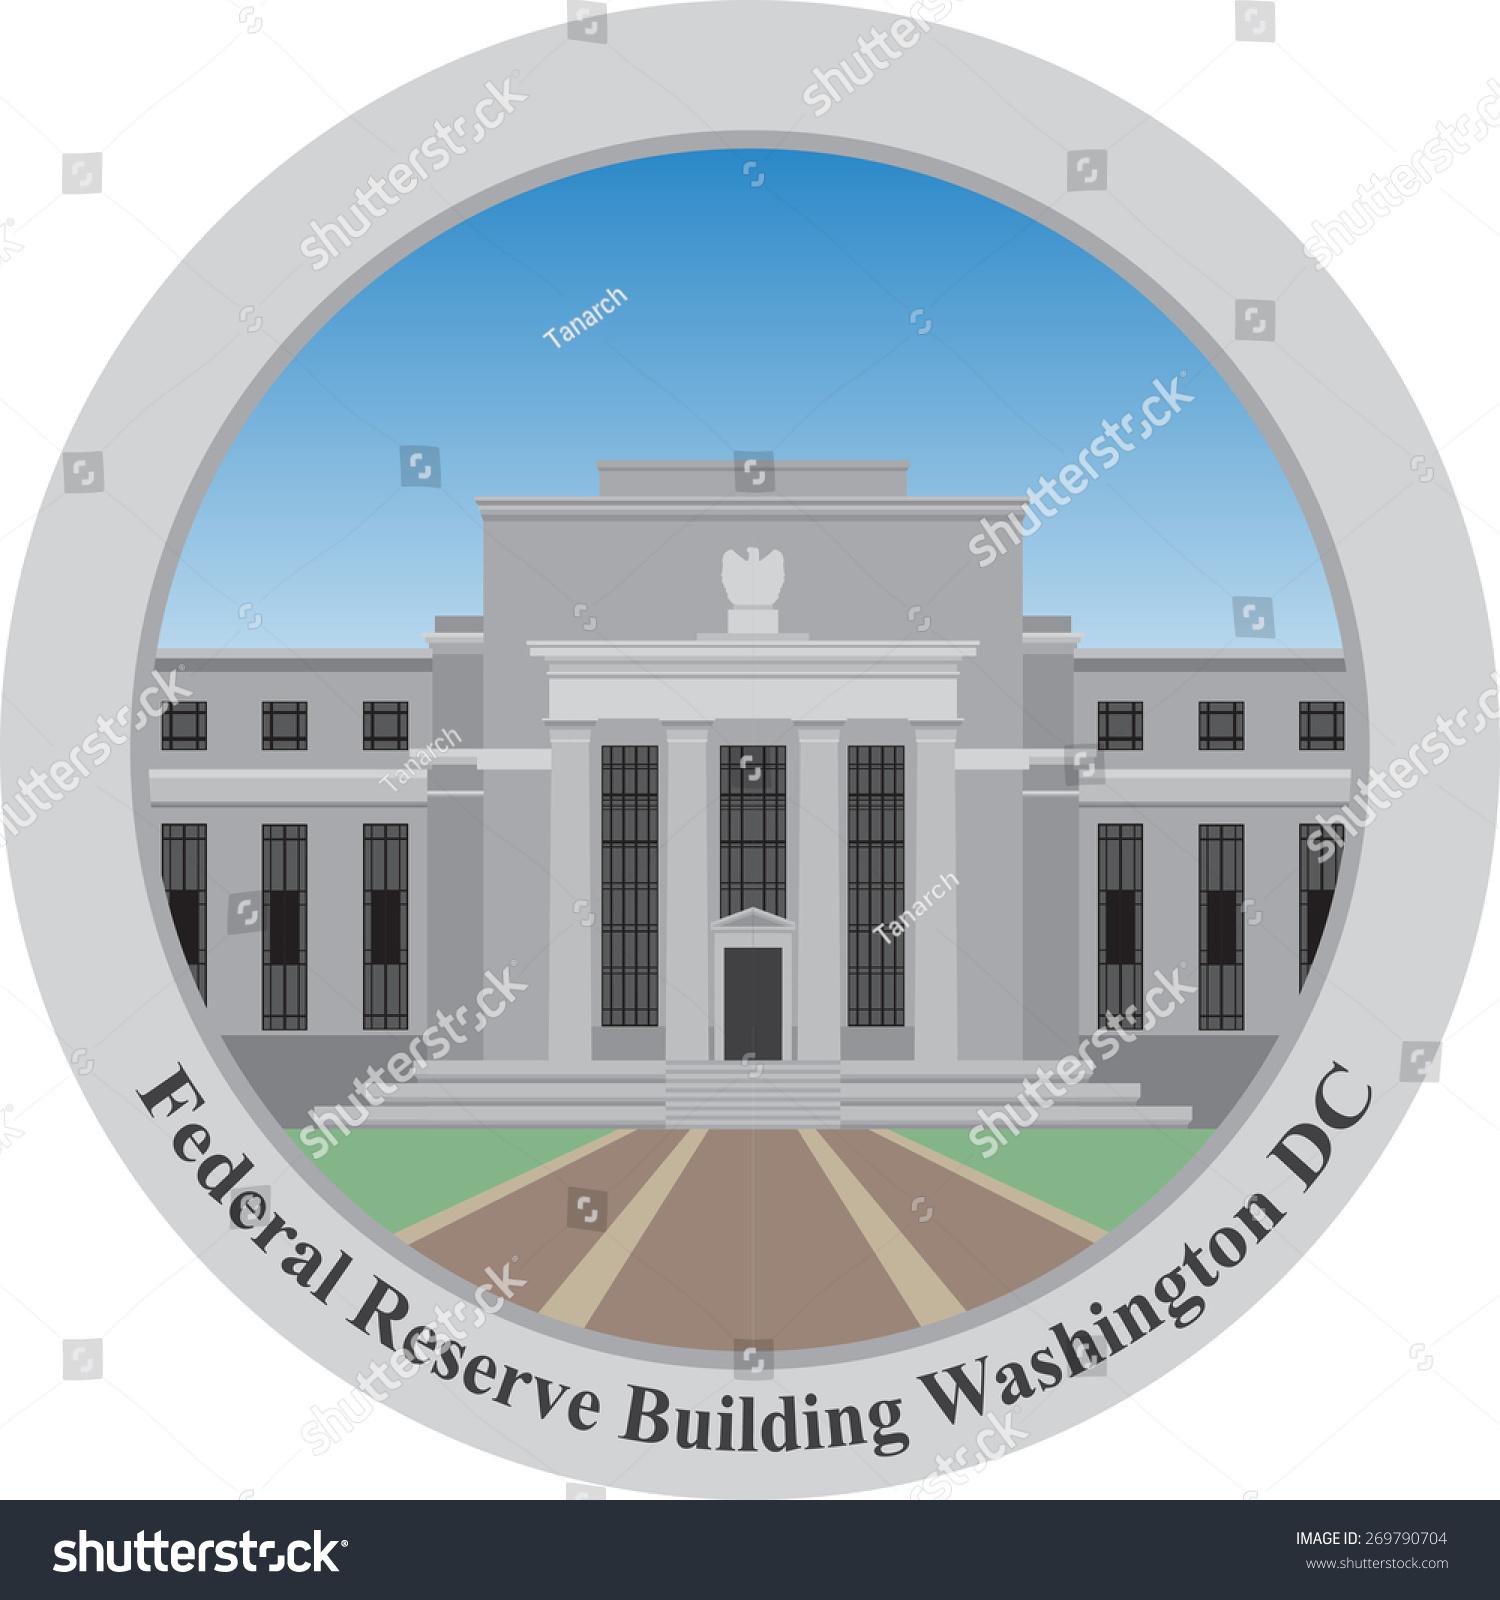 Federal Reserve Building Washington Dc Usavector Stock Vector